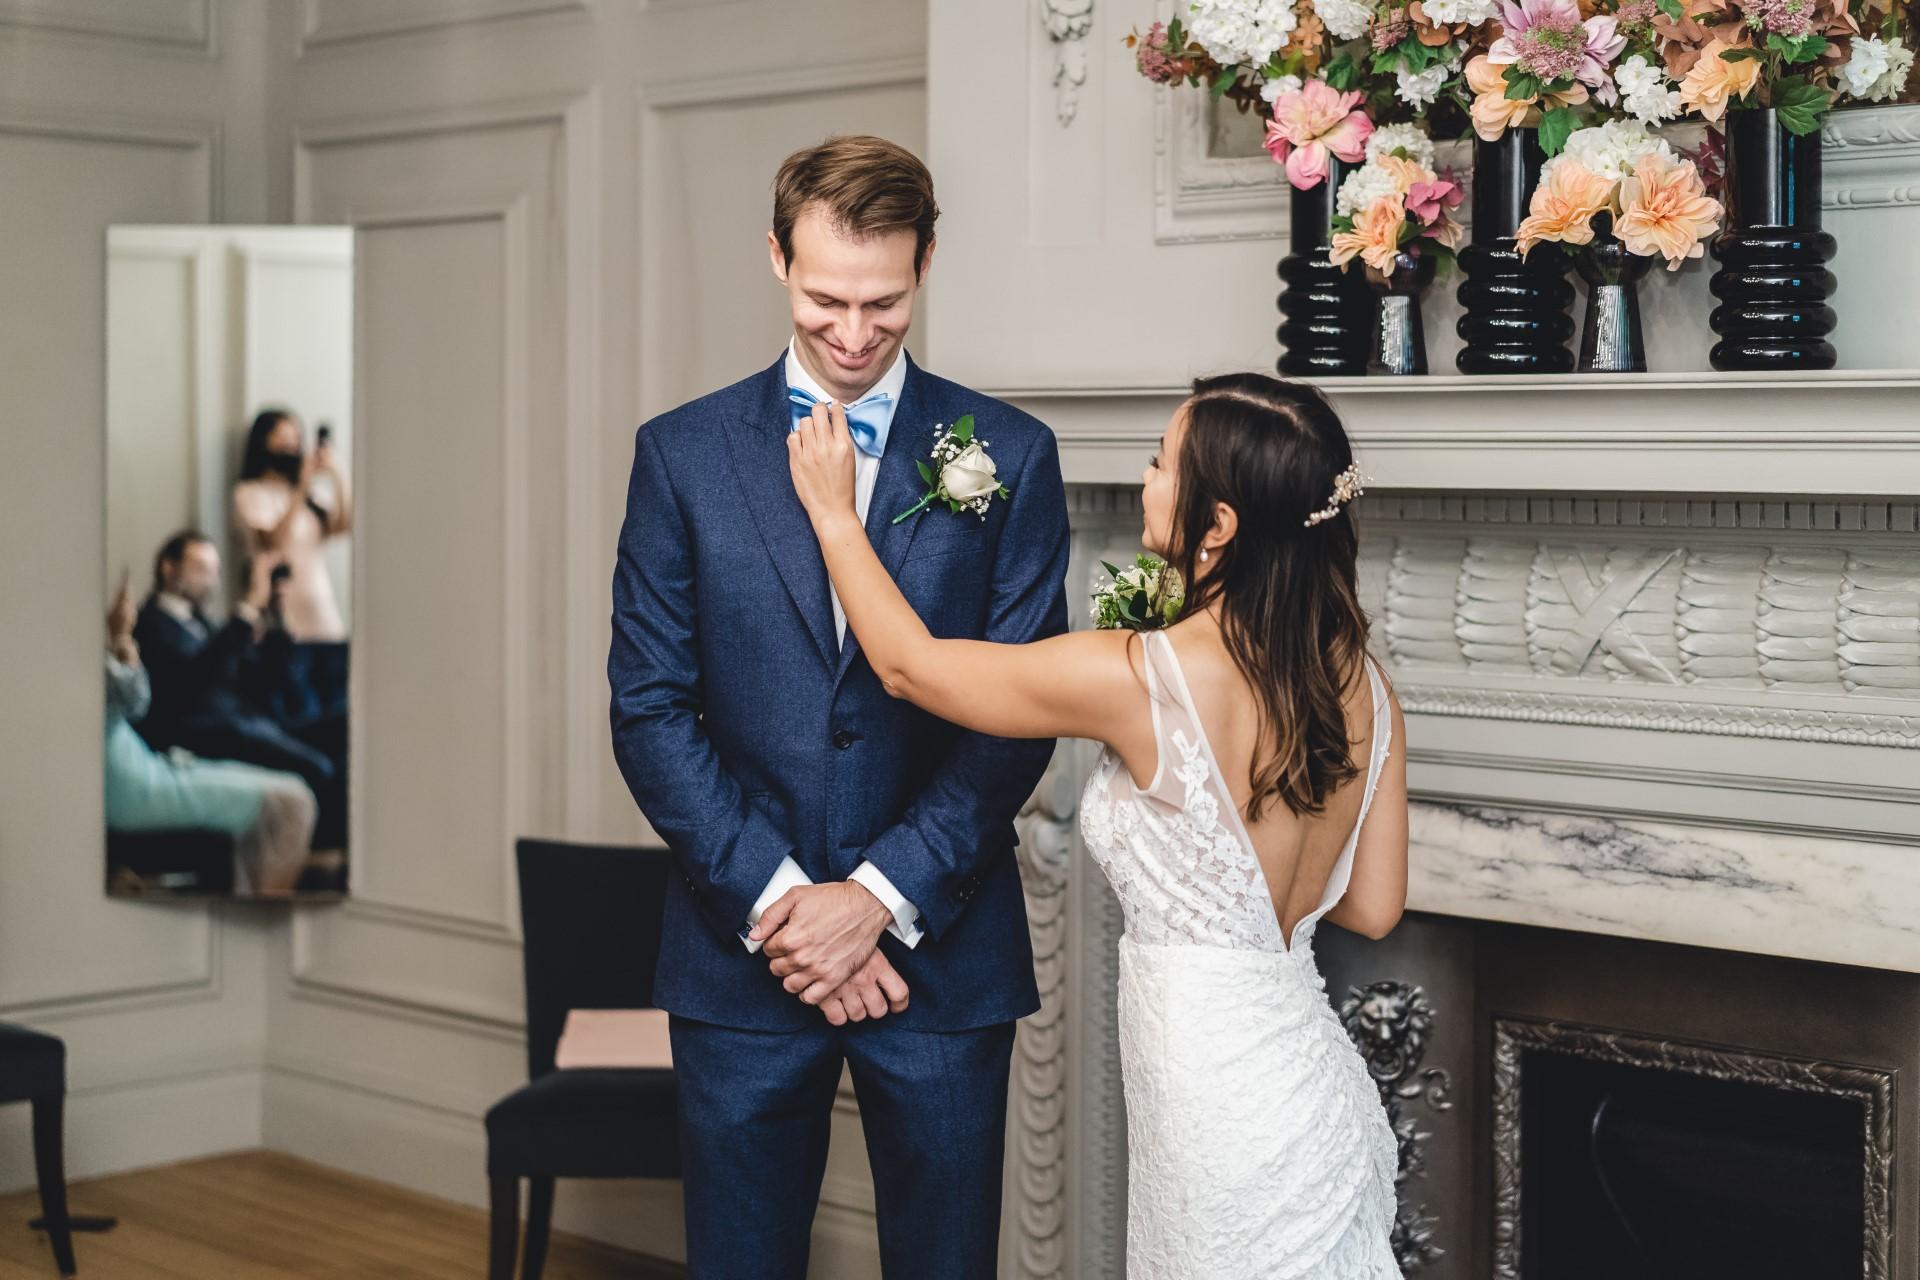 Old Marylebone Town Hall Weddings - Photographe de Londres | La mariée fait un dernier ajustement